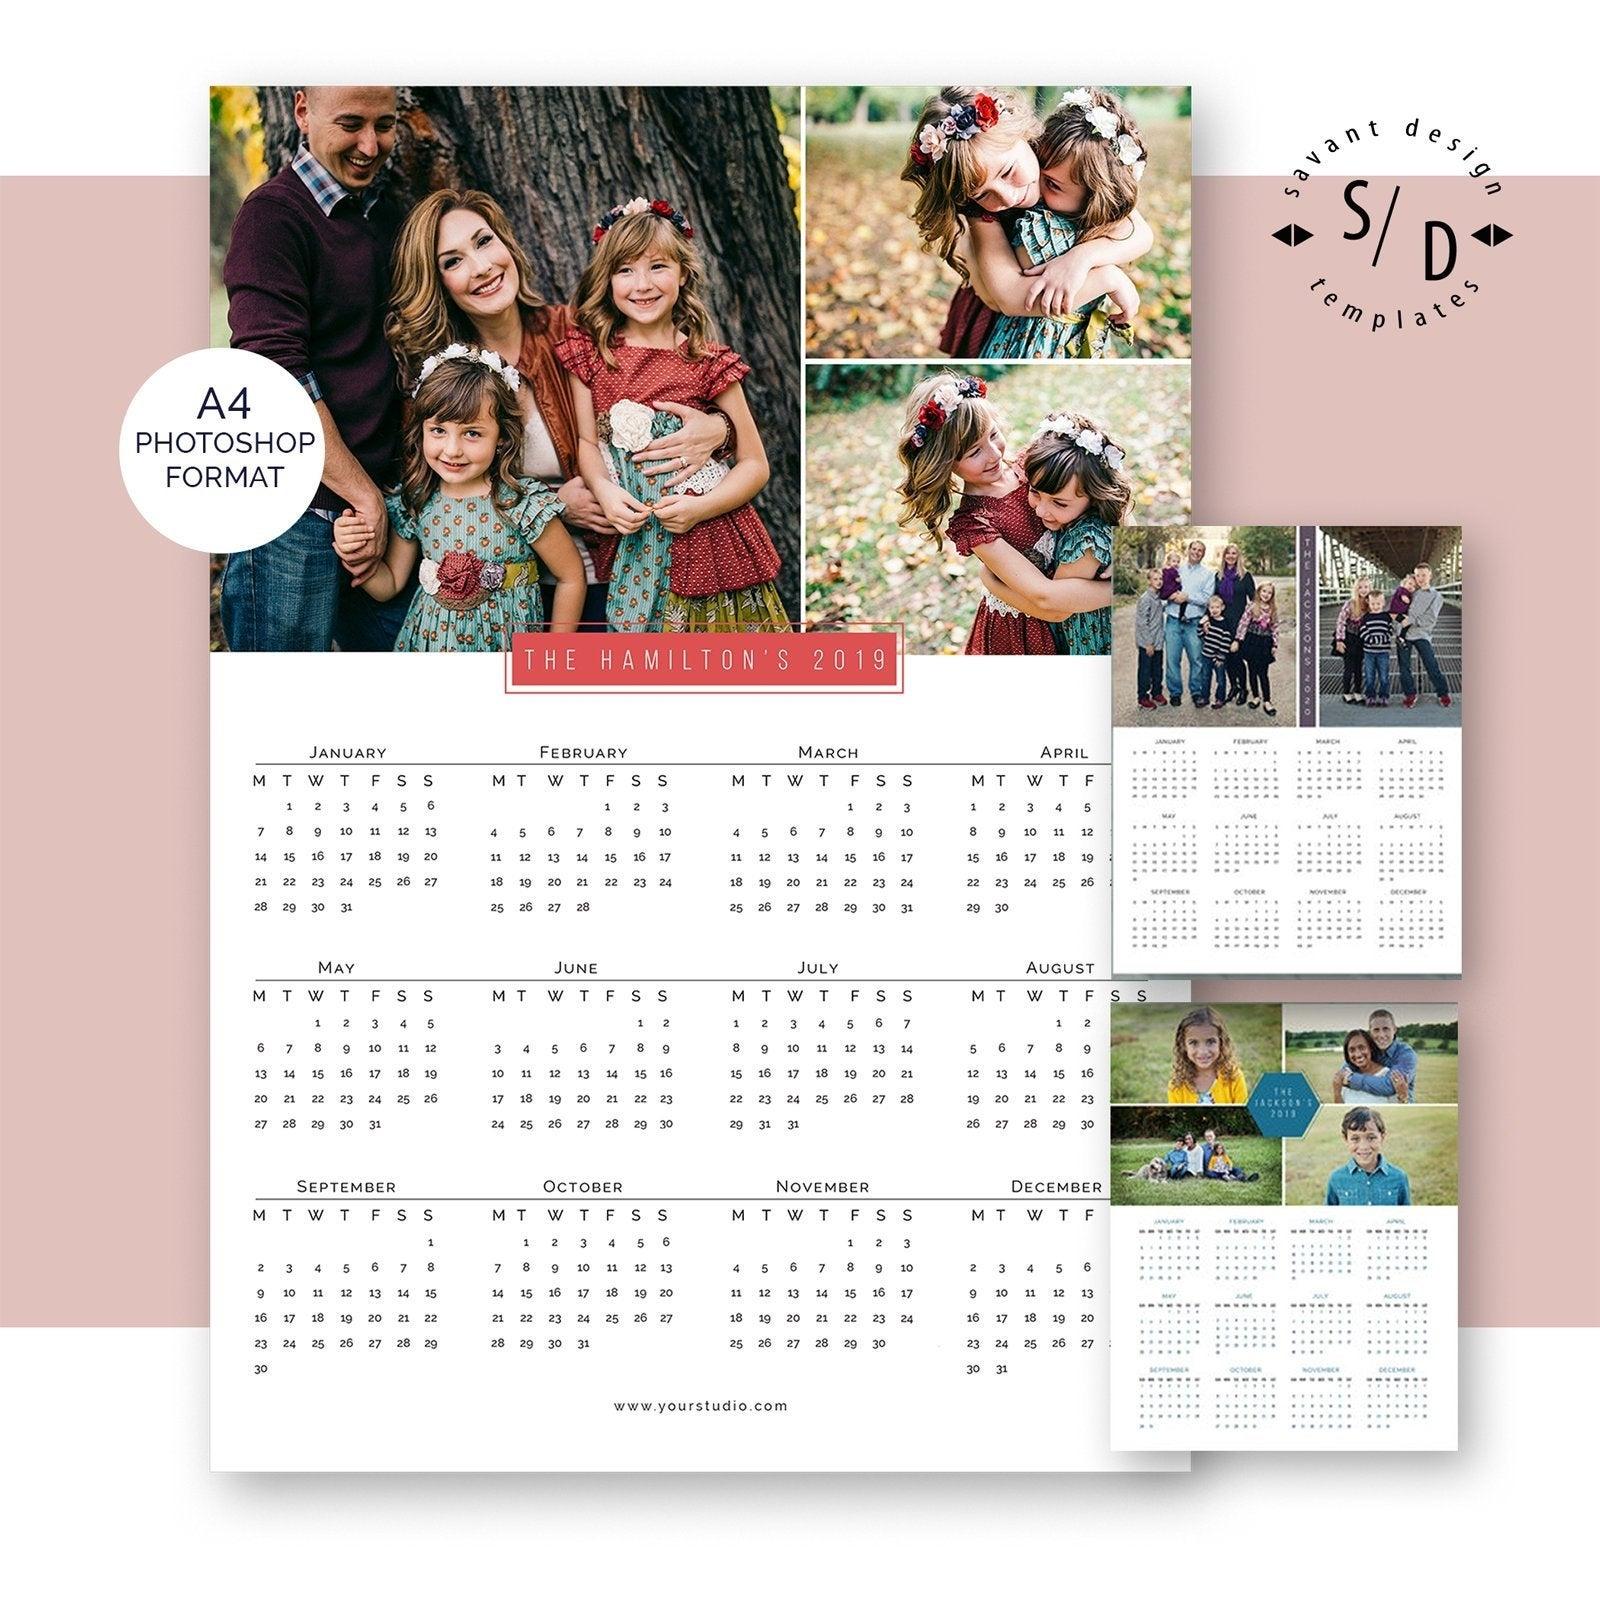 Calendar 2019 2020 A4 Calendar Template Printable Photo | Etsy with 2012 Calendar Sri Lanka With All Holidays